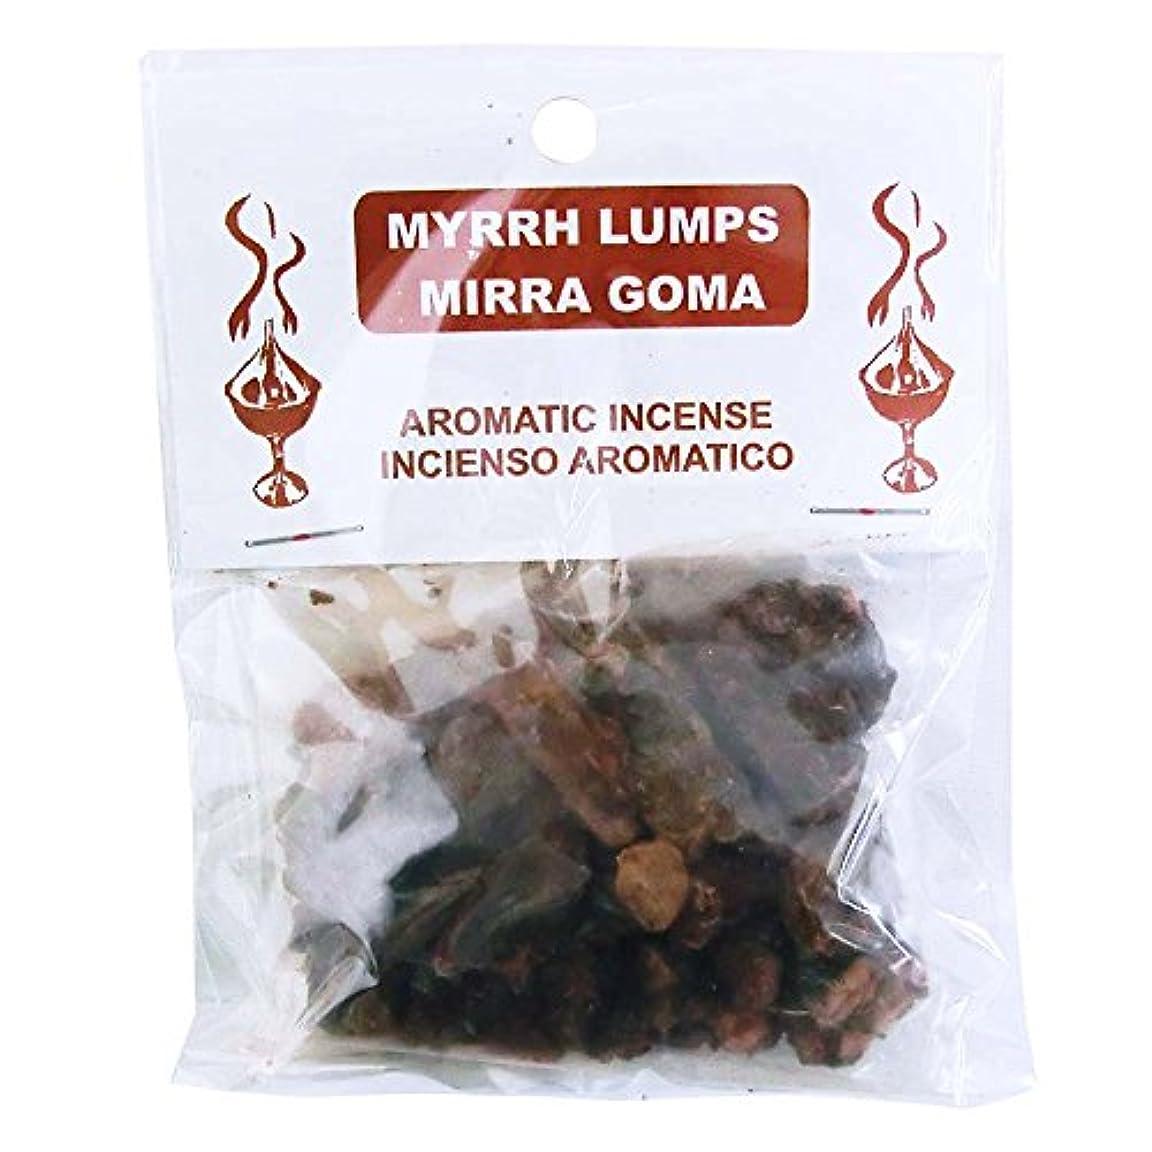 ペフ溶接涙3KINGS Resin Incense(ヨルダンの聖別香) Myrrh Lumps